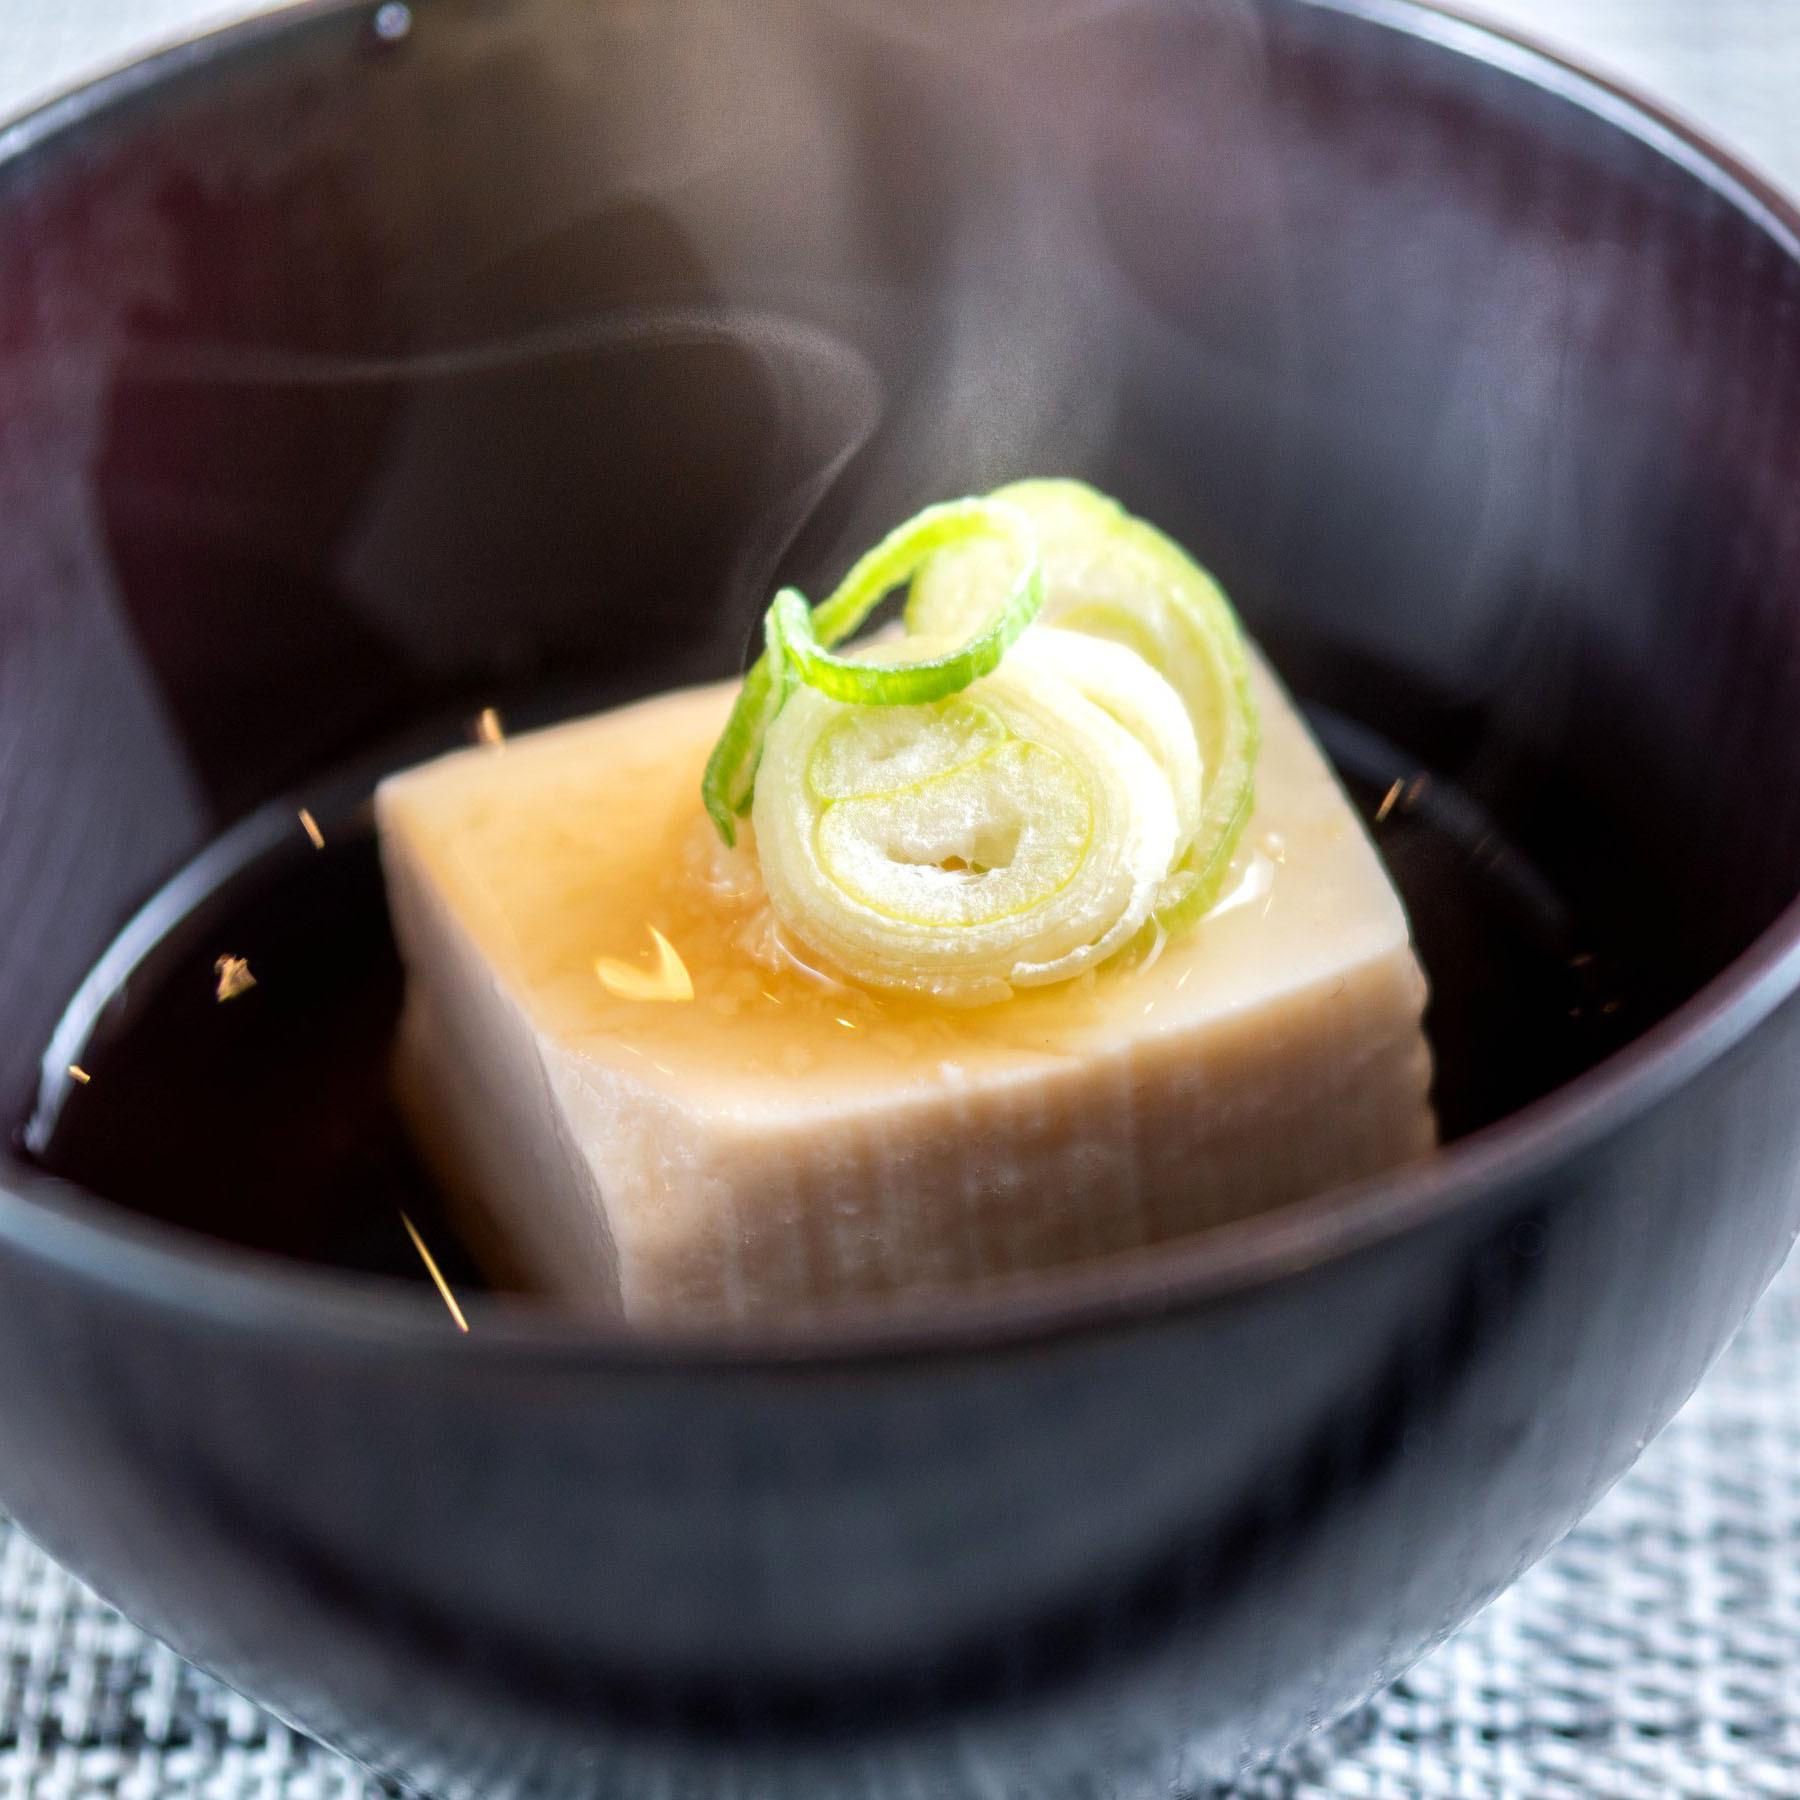 お豆腐【朝食】朝から重くなくサラッと召し上がっていただけます♪